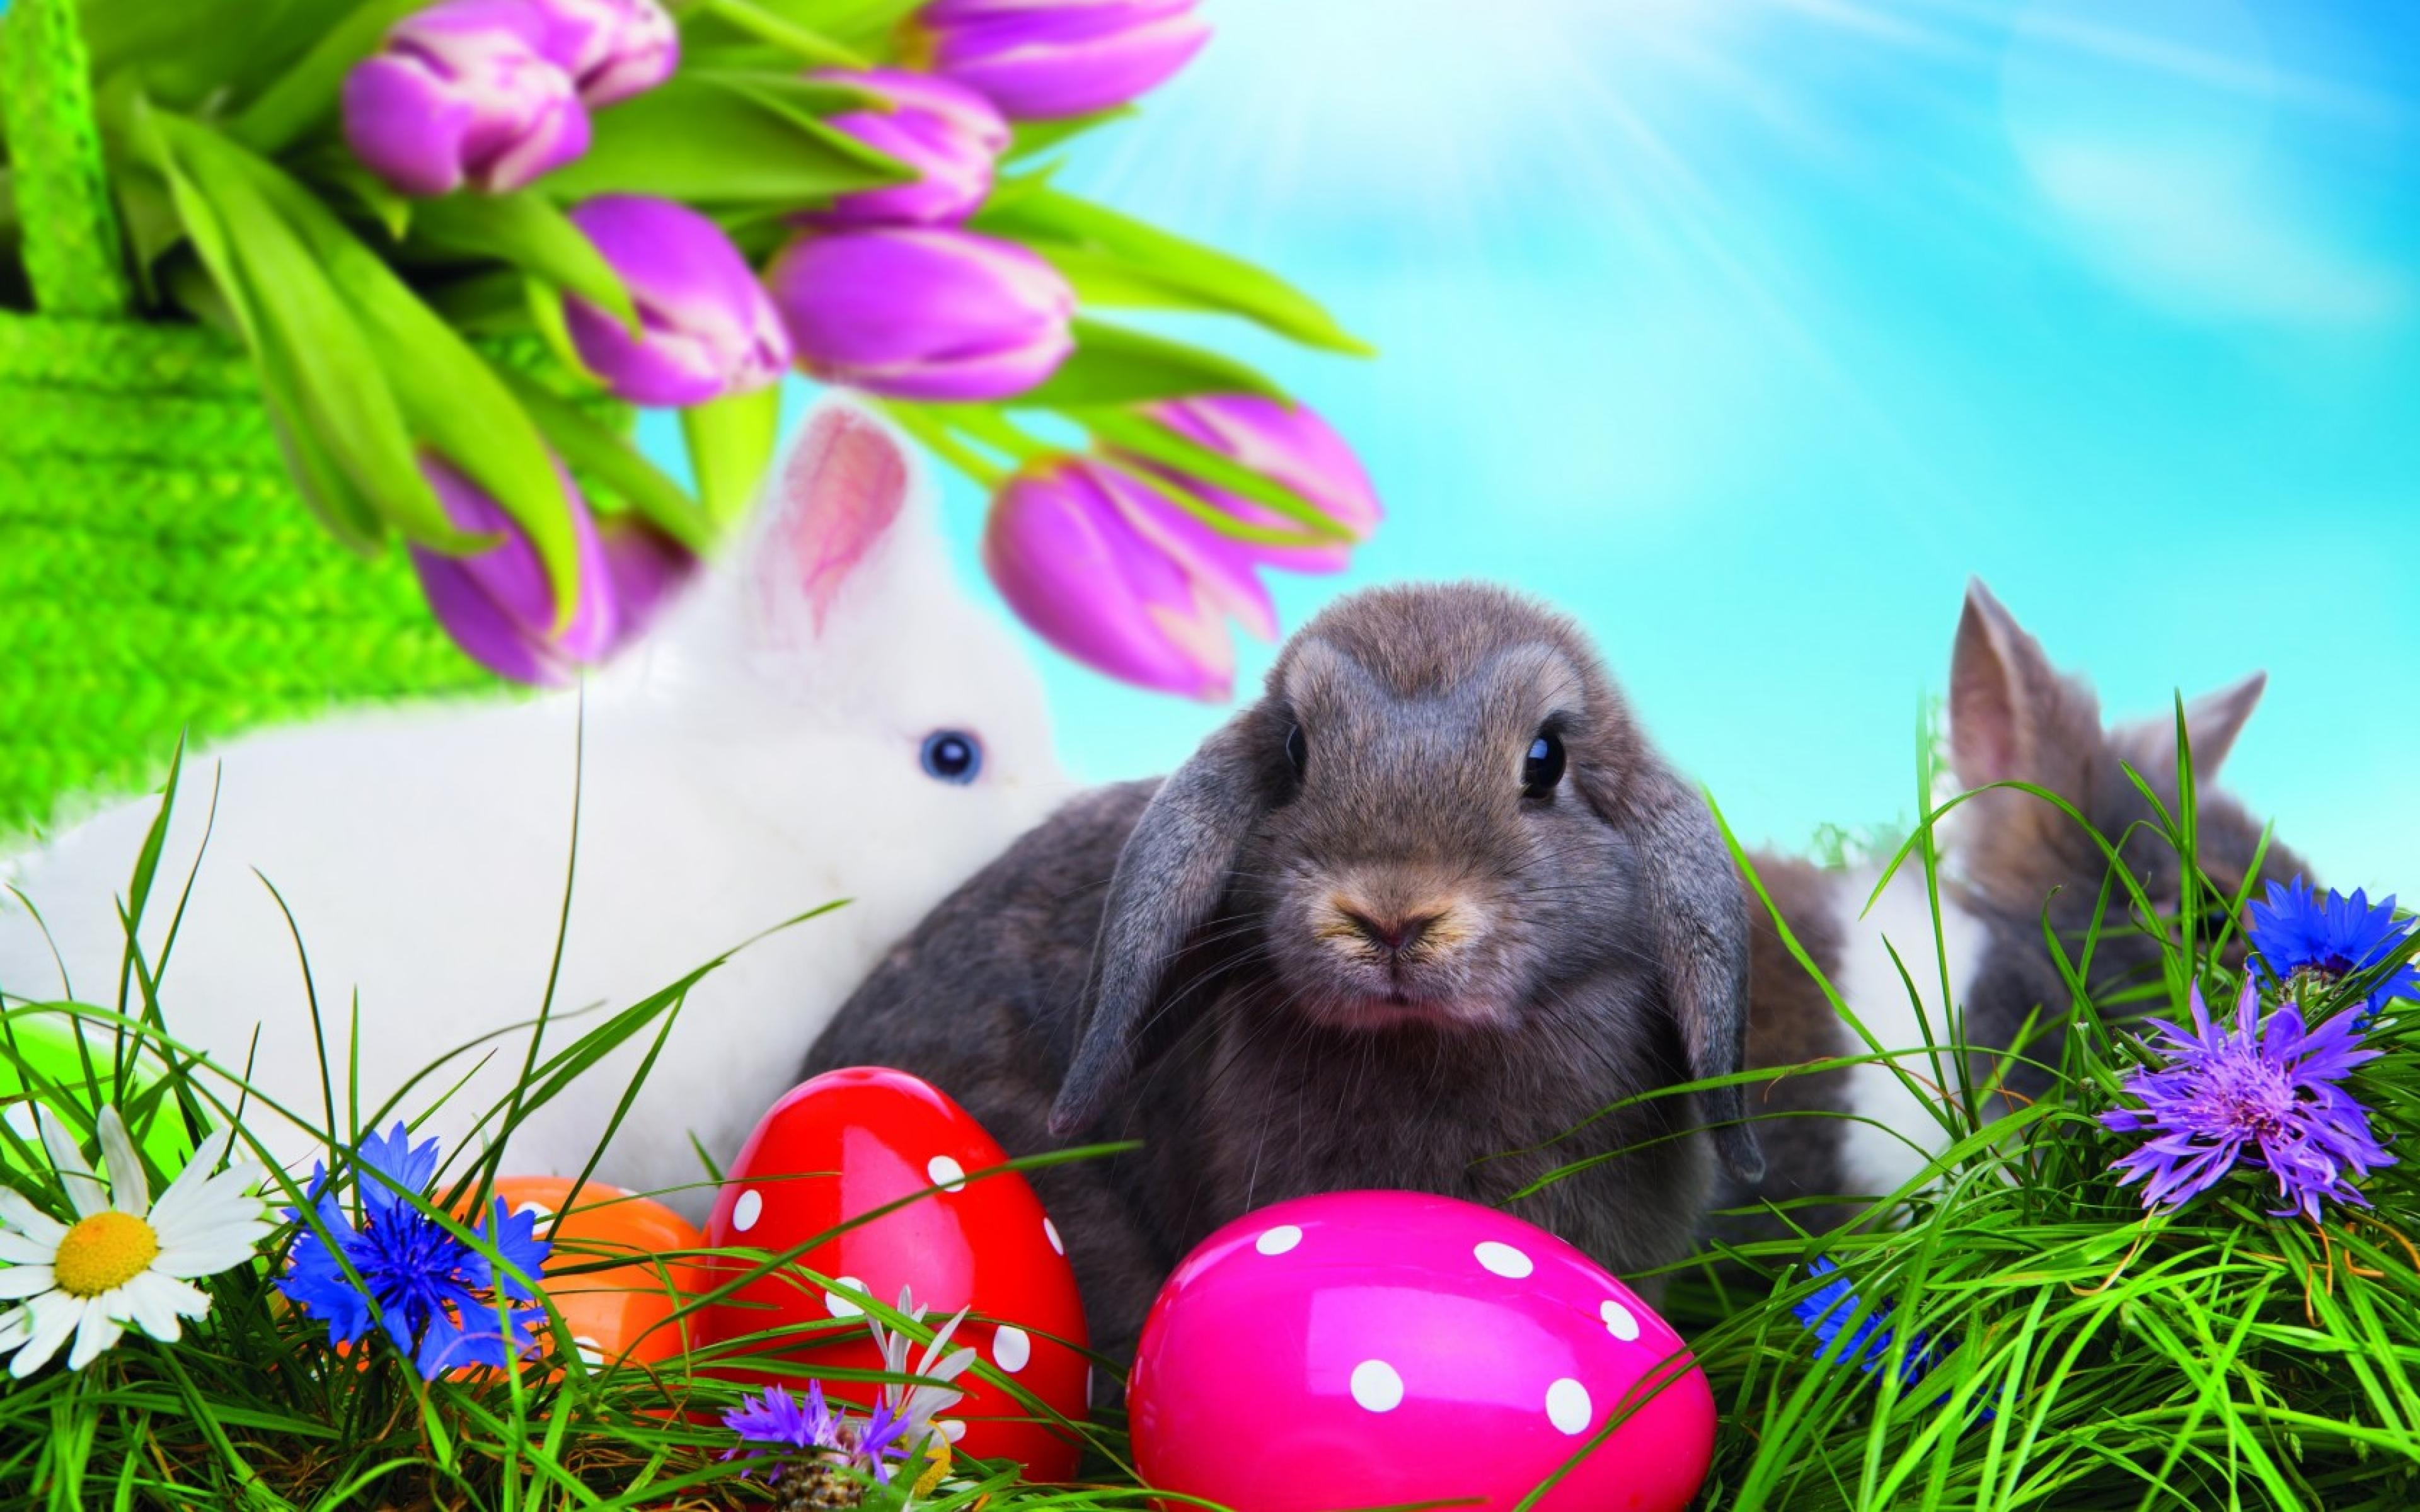 Тебе что, пасхальный кролик картинки красивые на телефон